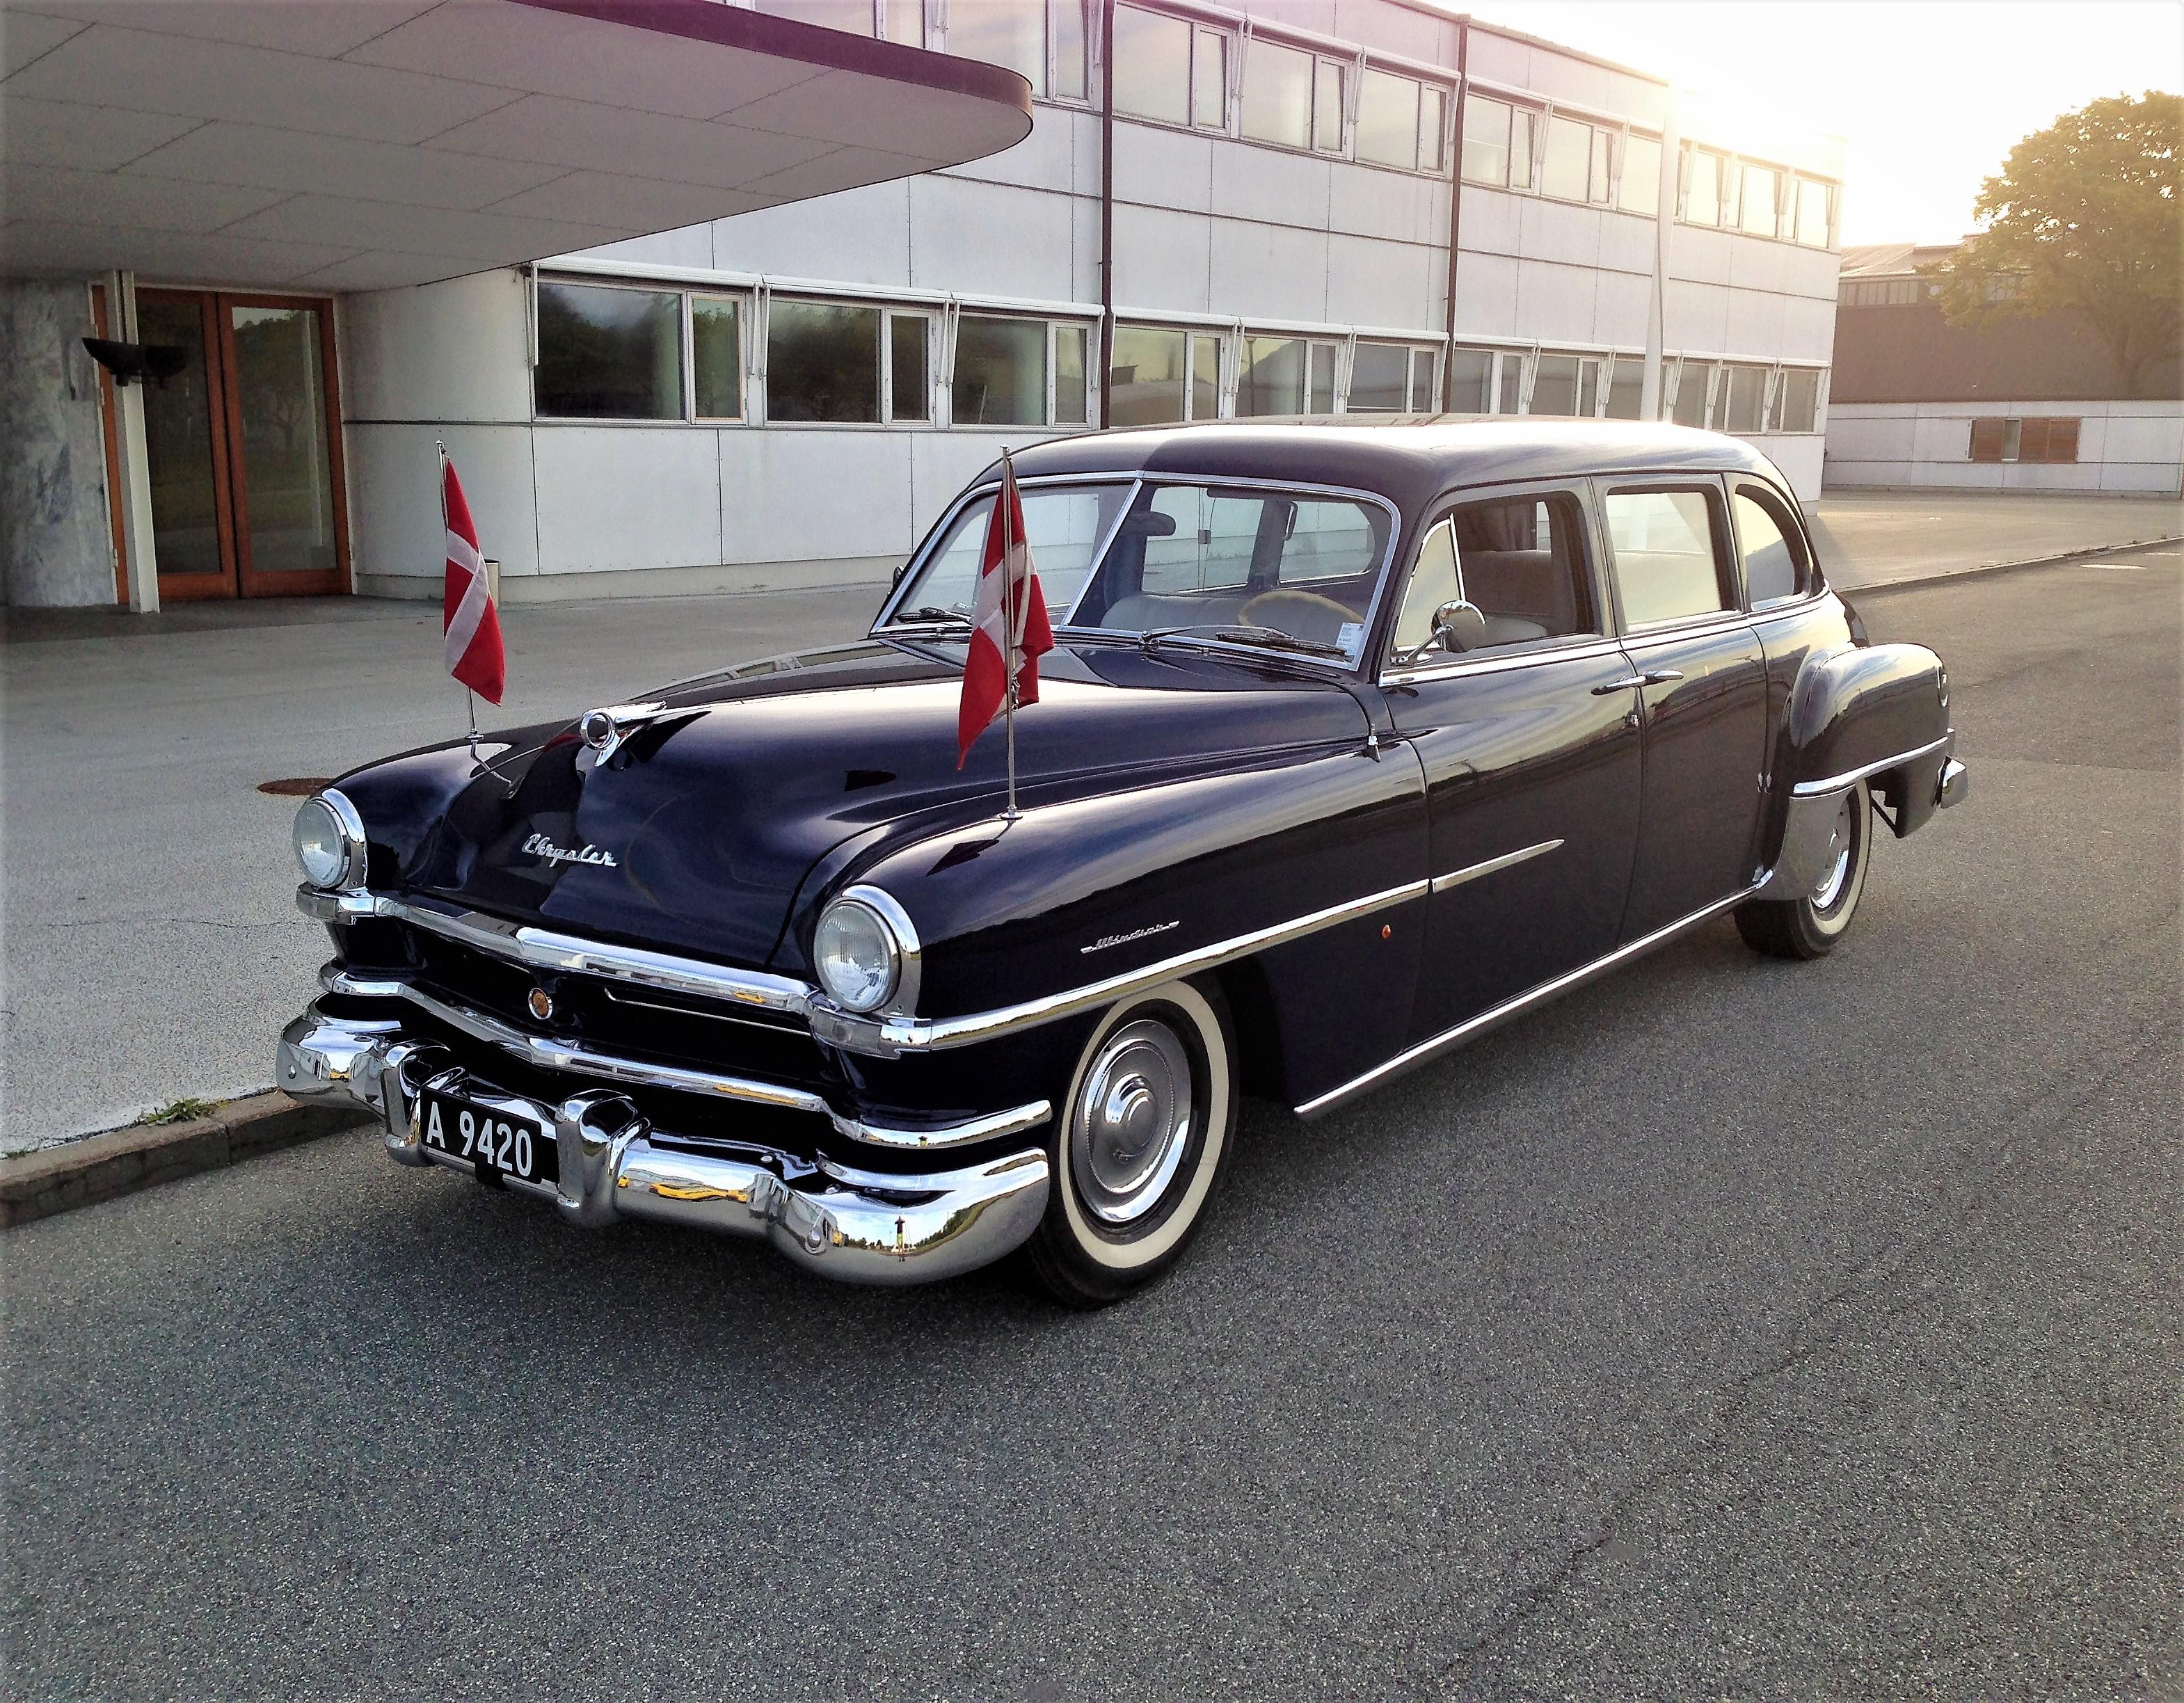 1952 Chrysler Windsor tilhørt Droning Alexandrine